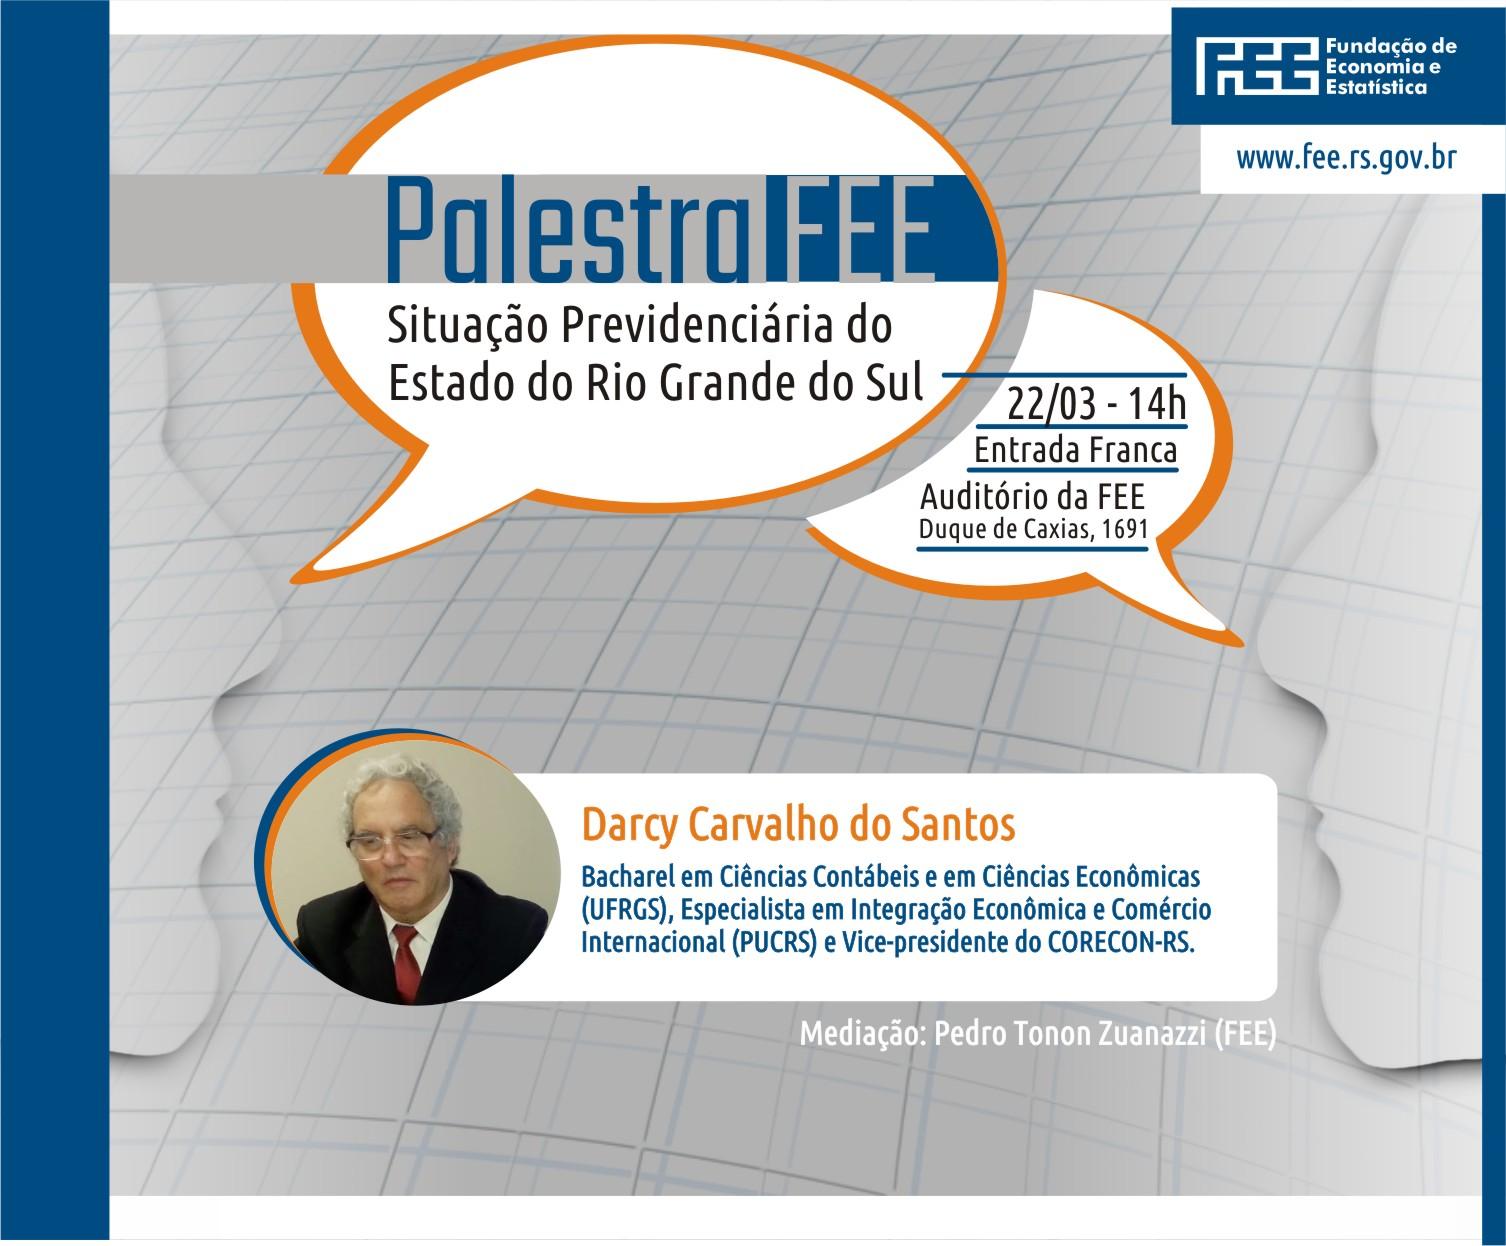 Palestra: Situação Previdenciária do Estado do Rio Grande do Sul